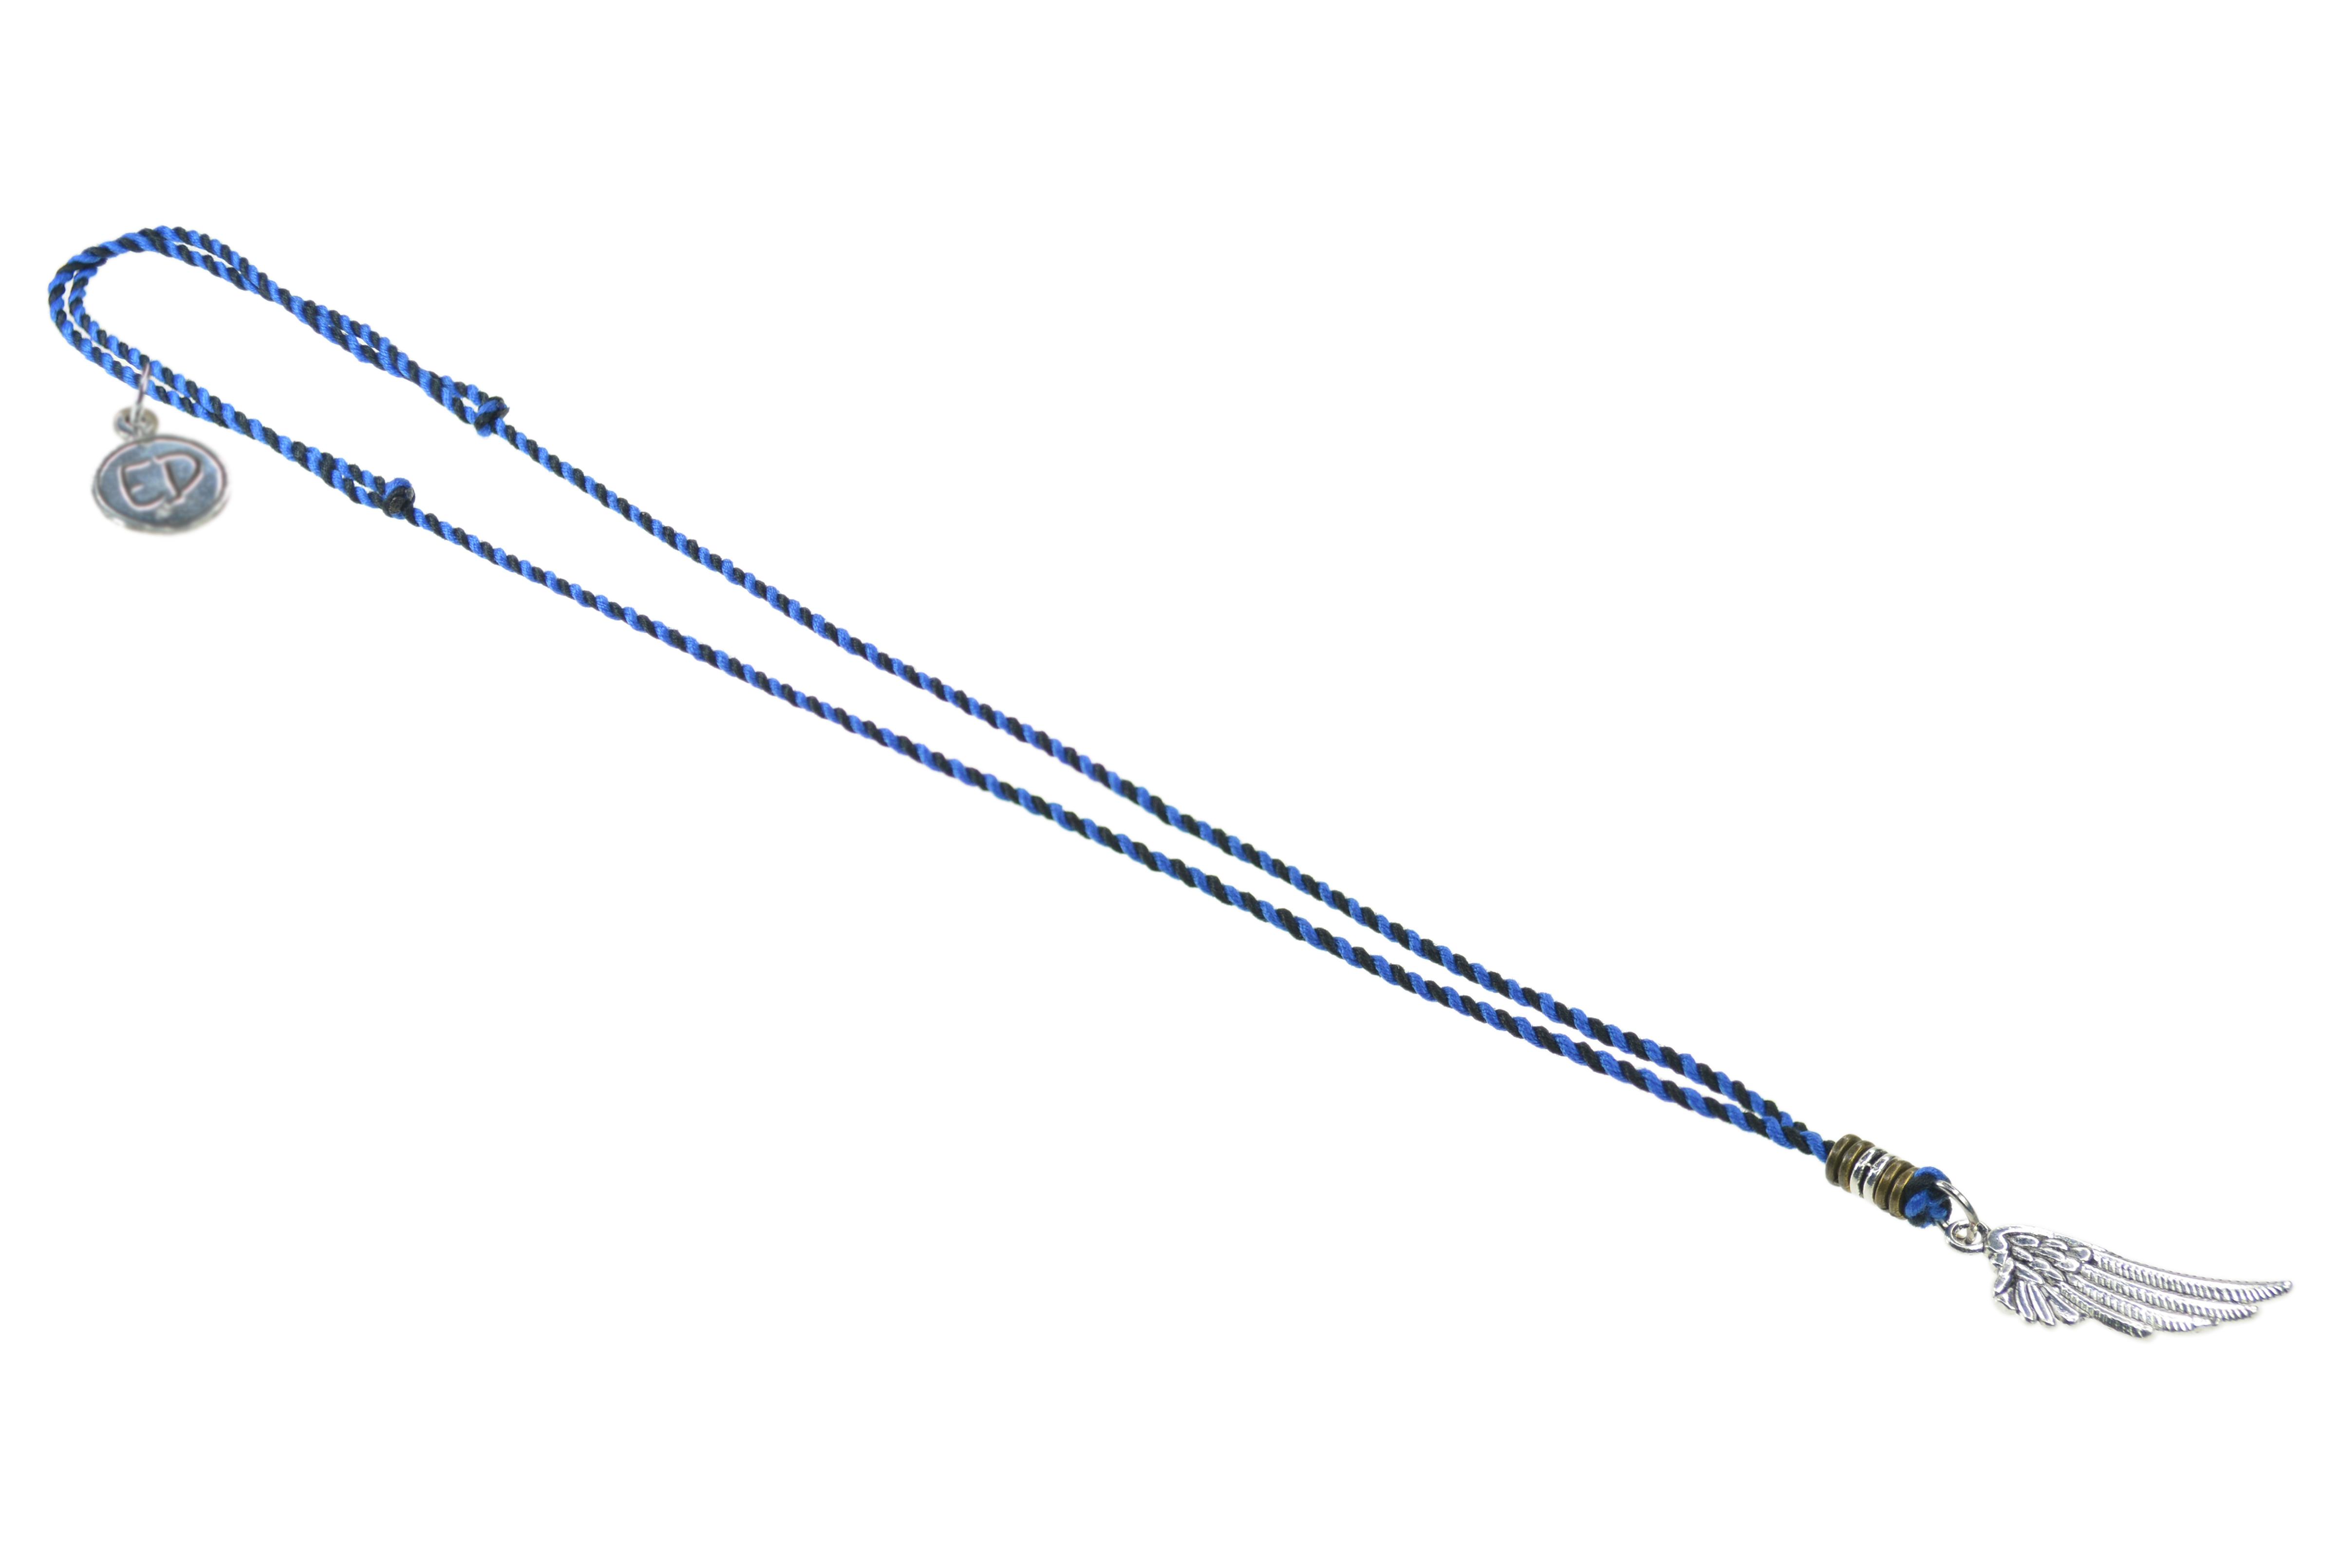 Pánsky prírodný náhrdelník s príveskom anjelské krídlo - modrý